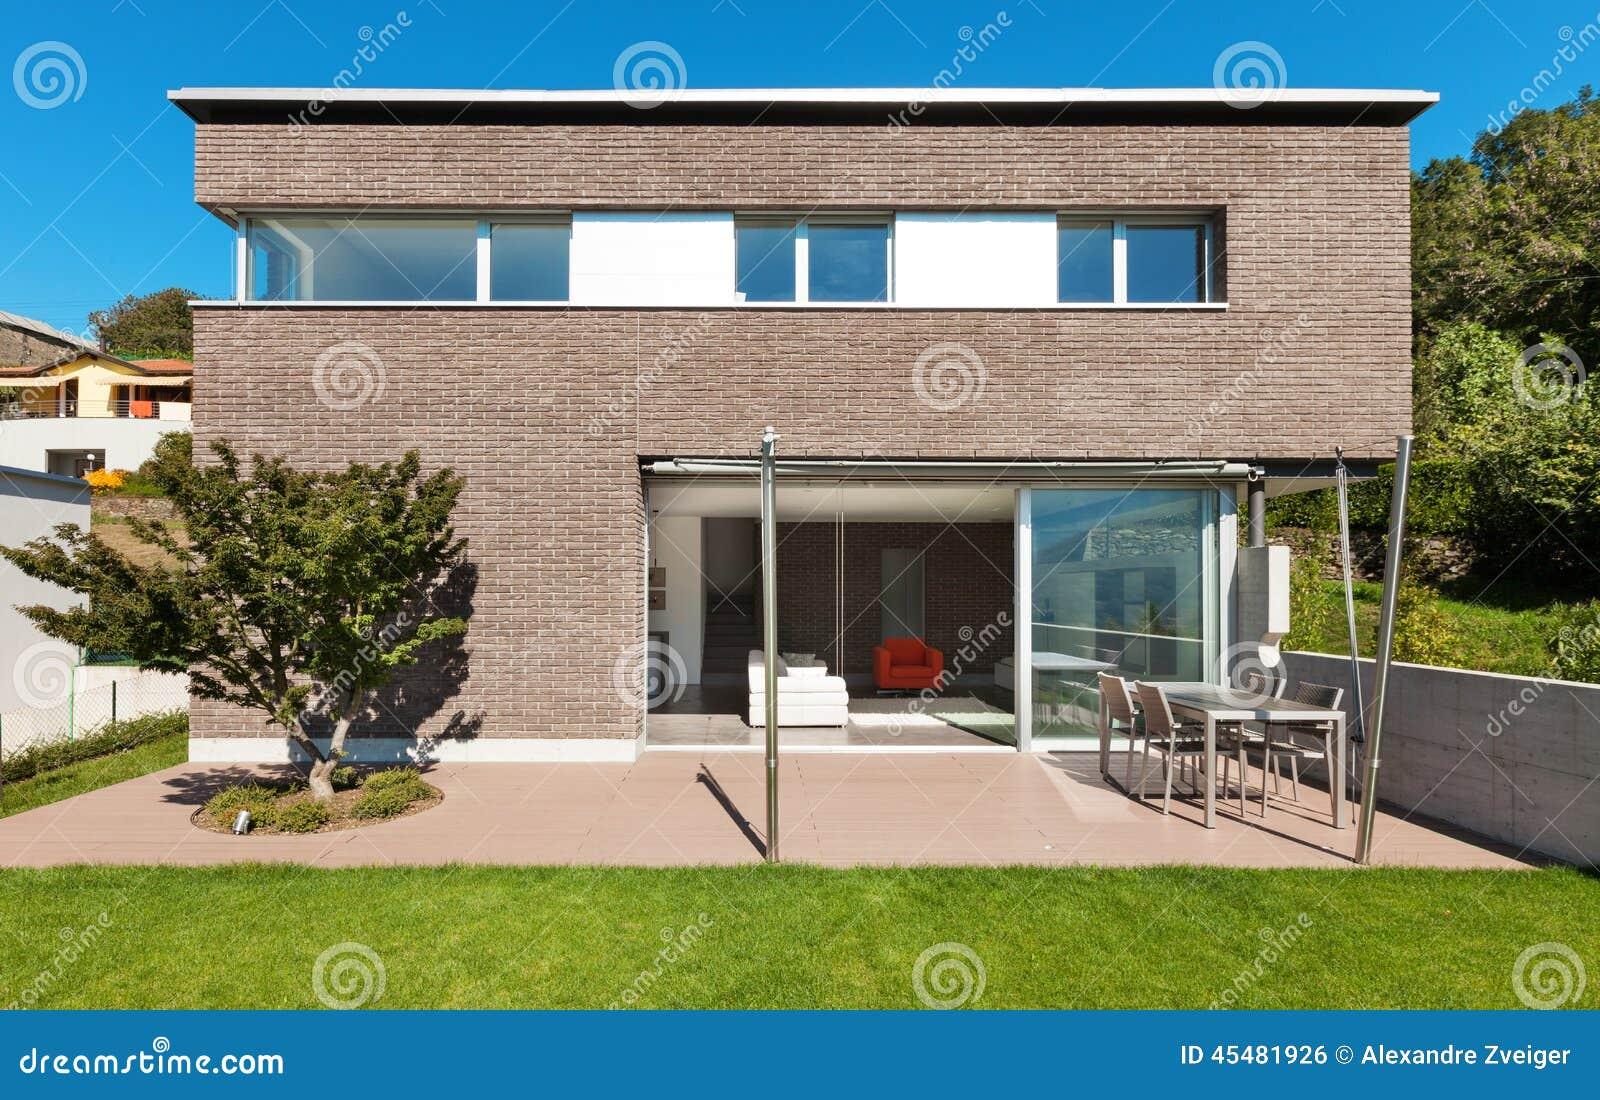 Progettazione moderna di architettura casa fotografia for Design di casa all aperto